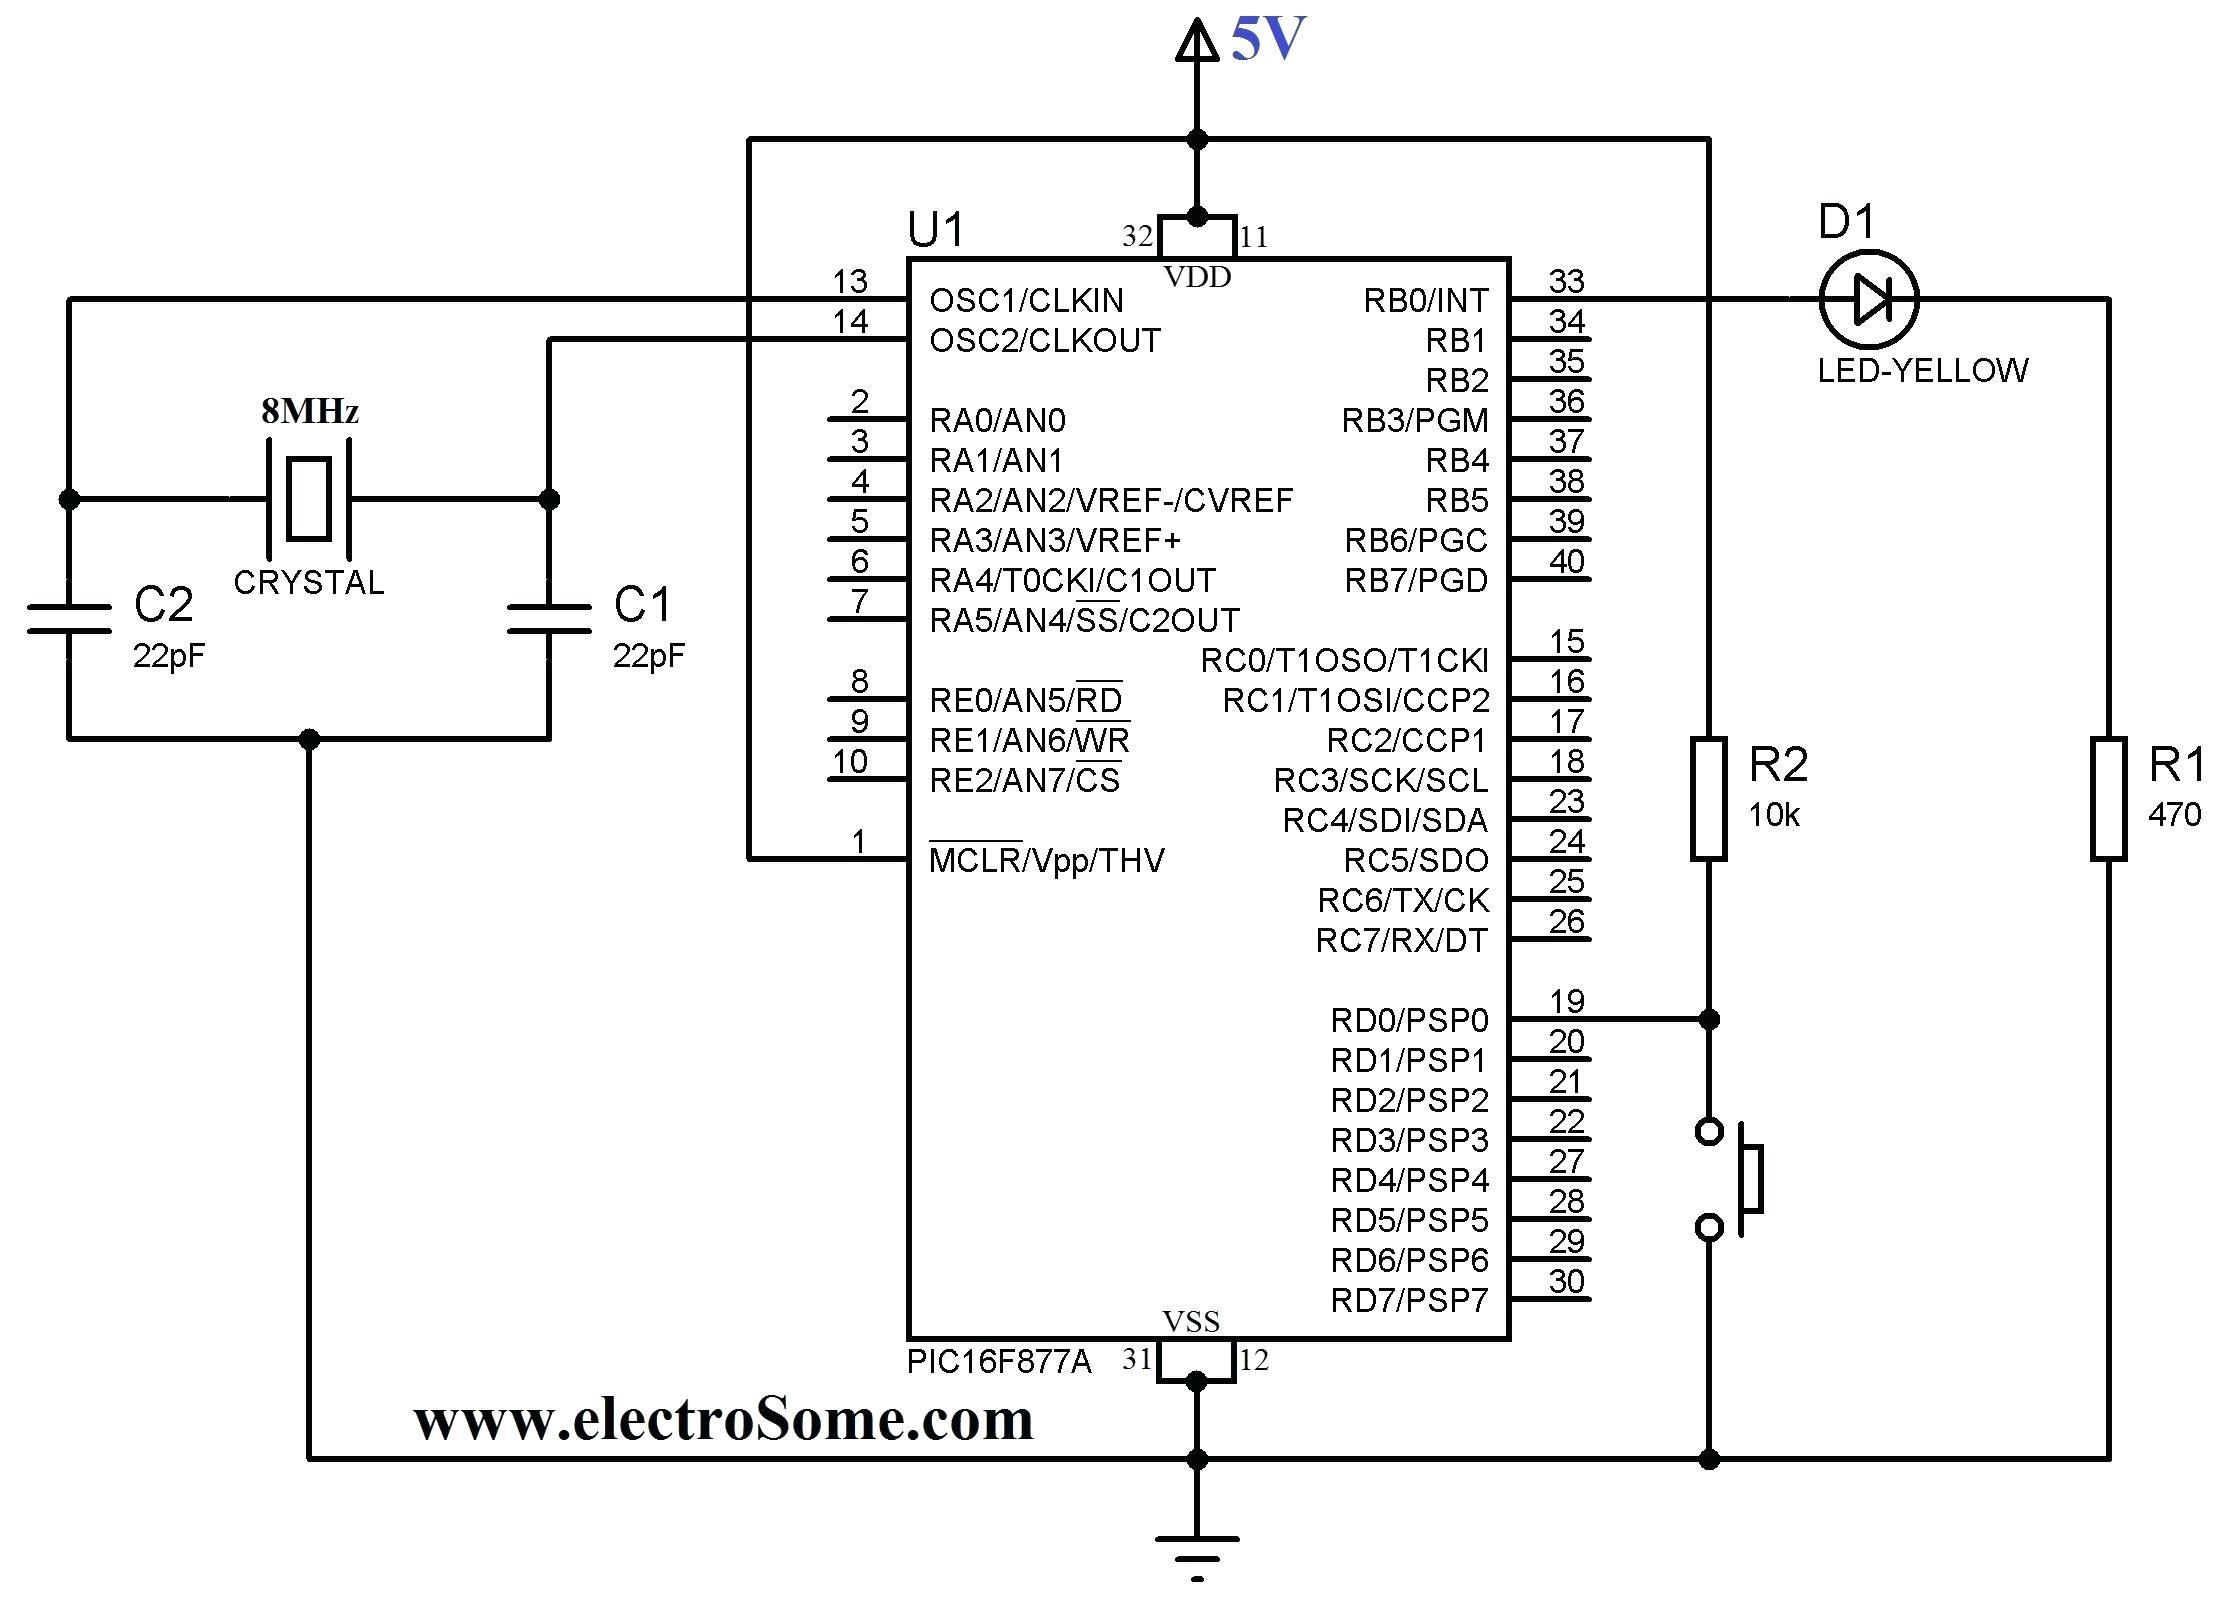 Paragon Timer Wiring Diagram Supco 3 In 1 Wiring Diagram Supco In Wiring Diagram Beautiful Of Paragon Timer Wiring Diagram